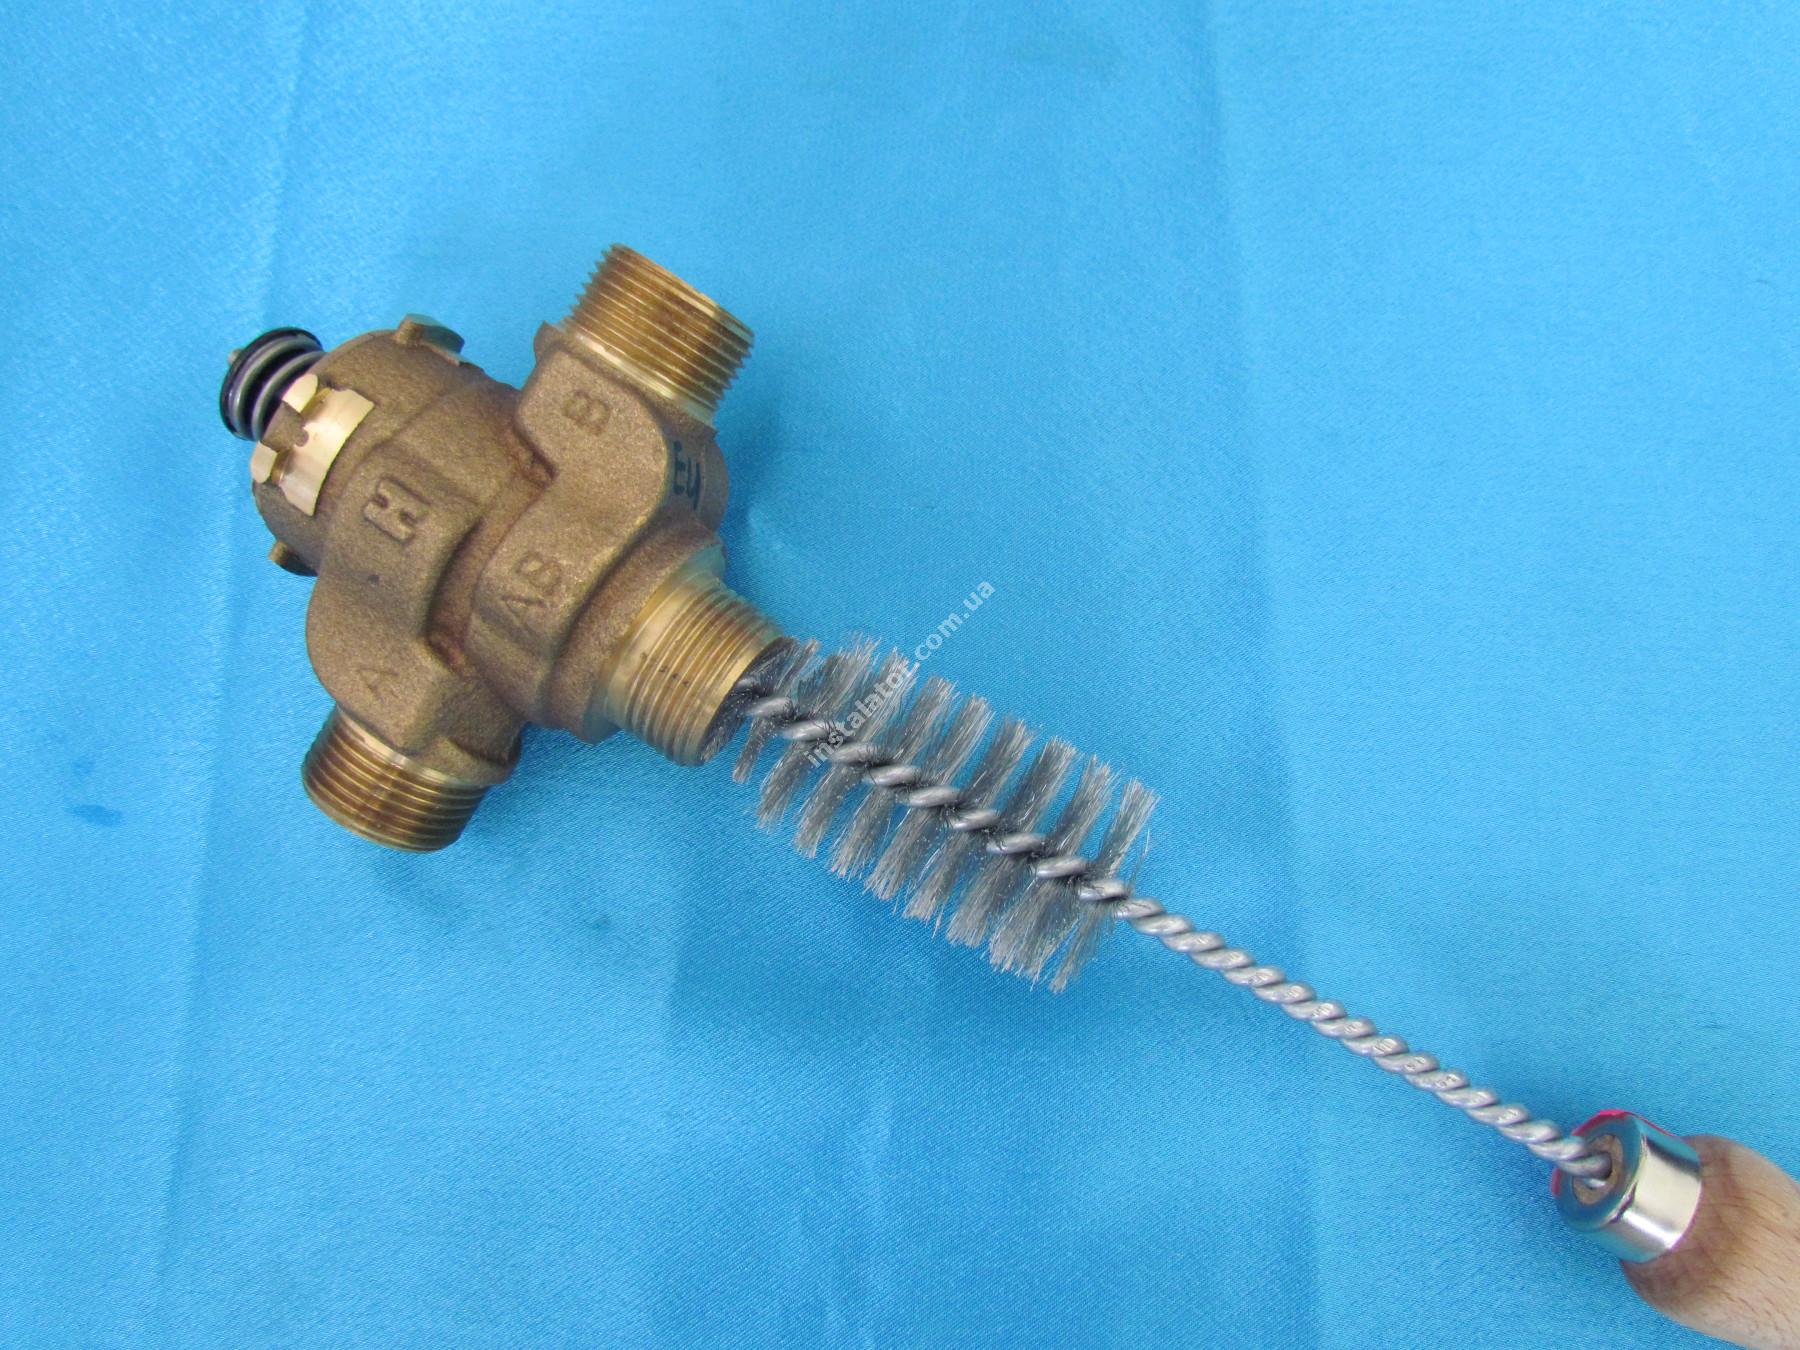 000201 Щітка для чистки 3-х ходового клапана d20-34 full-image-2